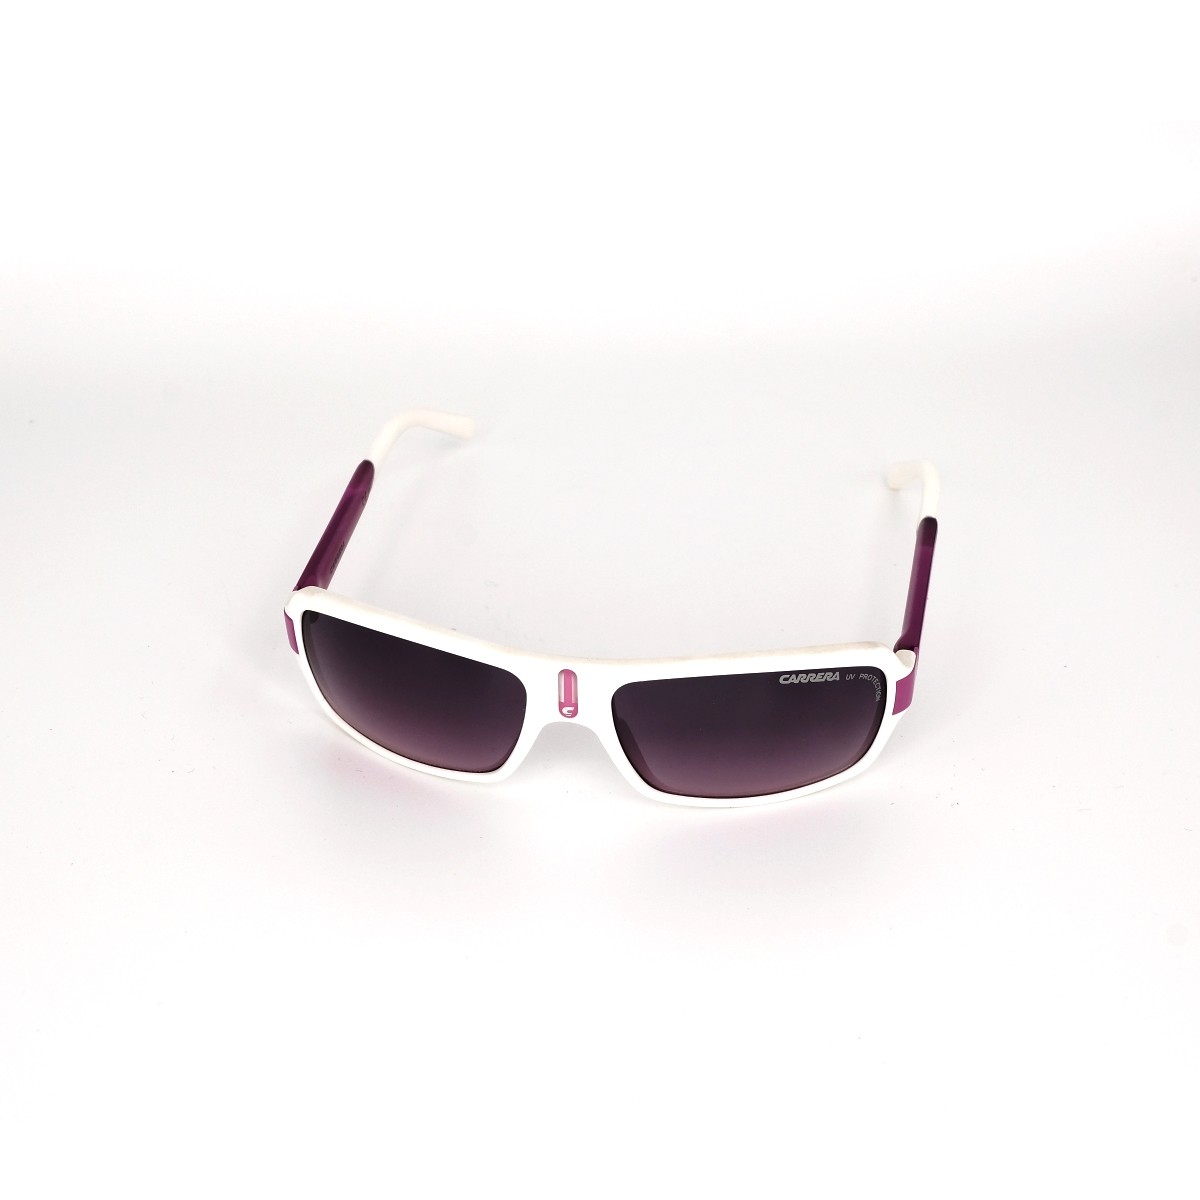 Carrerino 8 XDNFF, 48,00€, Occhiali  Bianco a forma Rettangolare